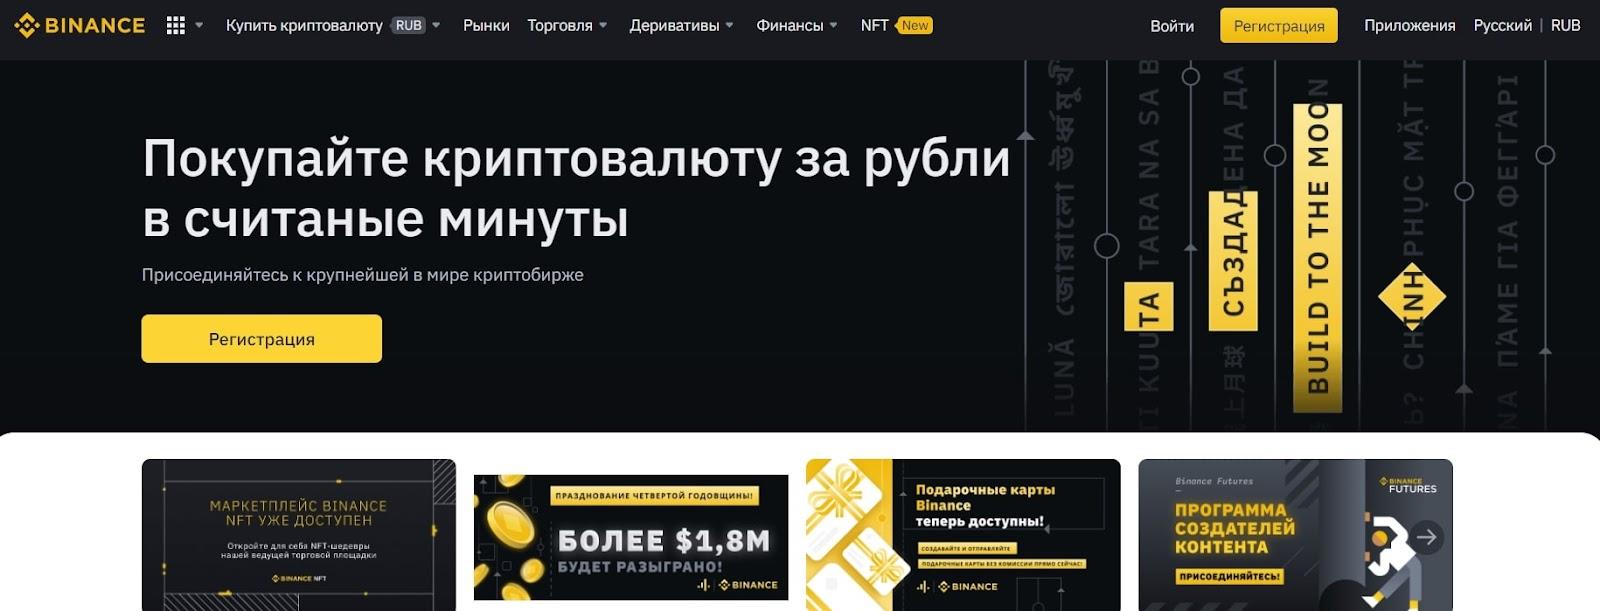 Отзывы о Binance: выгодно ли торговать на криптобирже? реальные отзывы